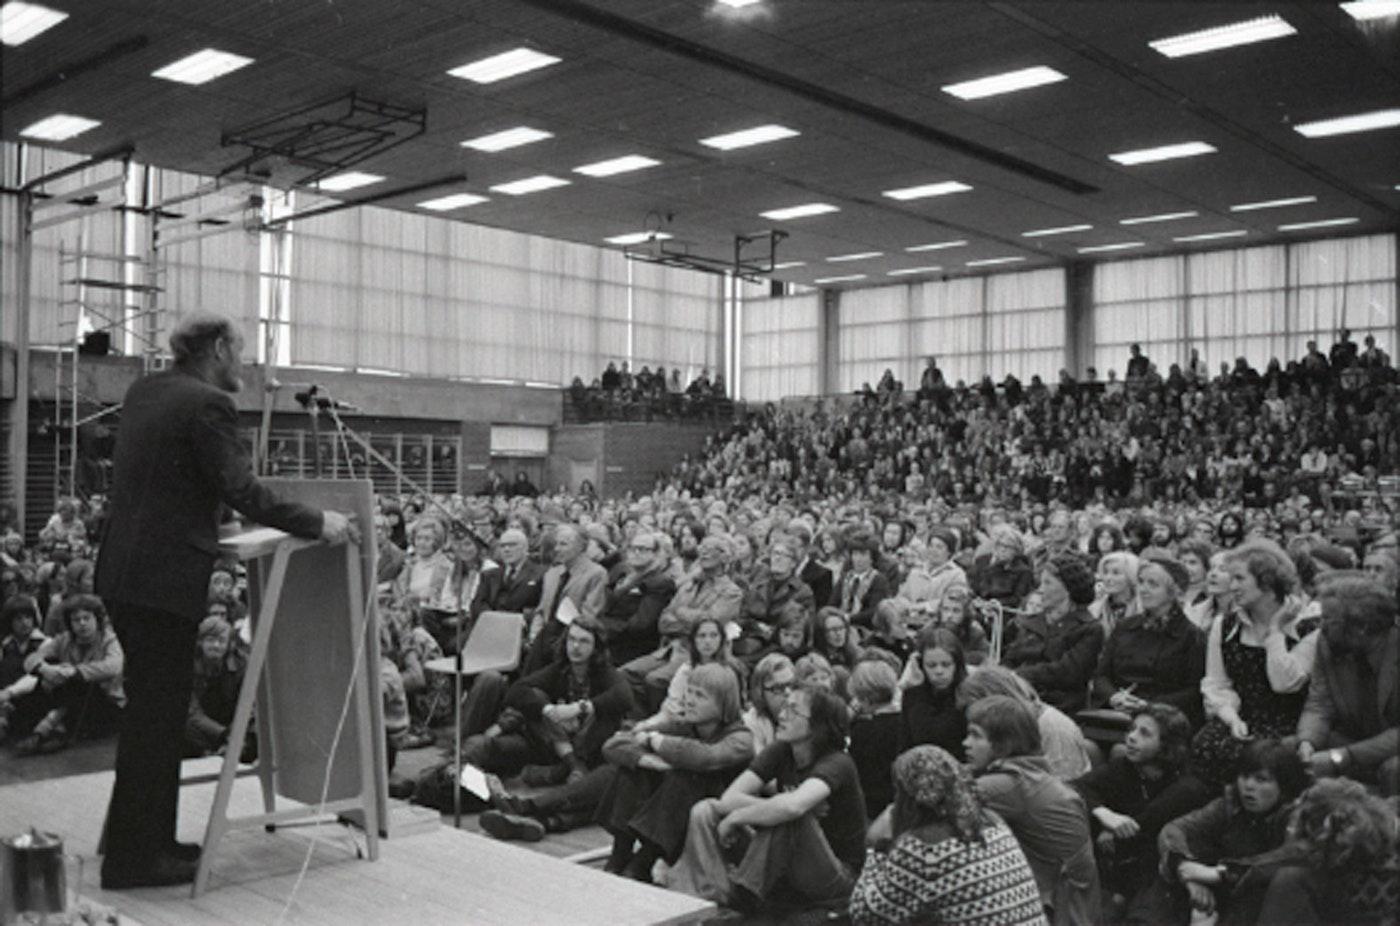 nadderudhallen 1974 2